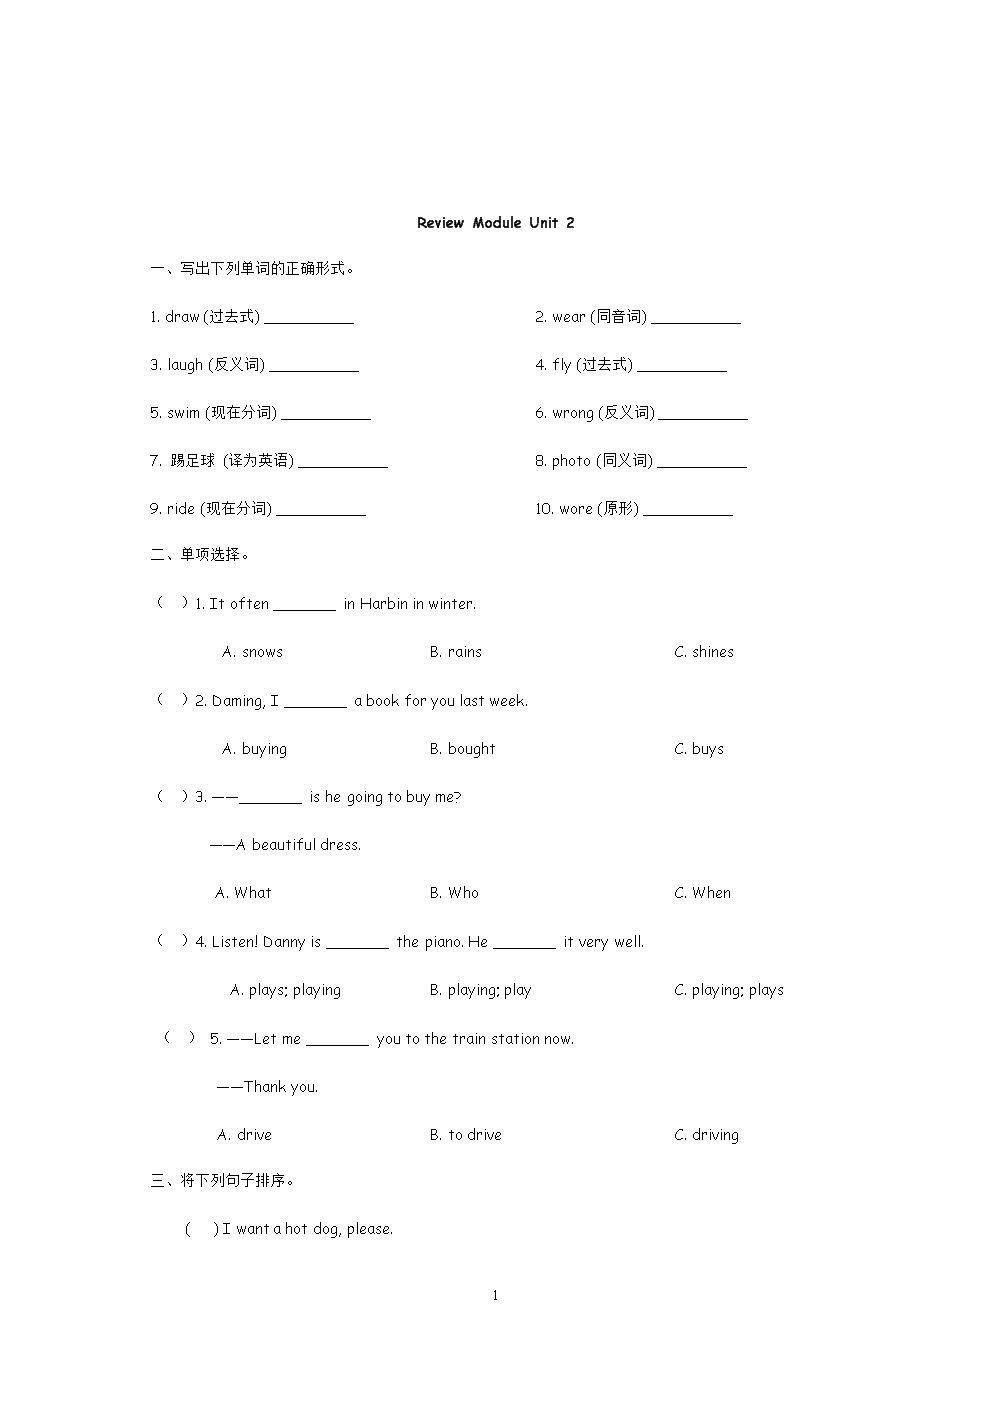 外研英语五年级下册 Review Module 教案.docx